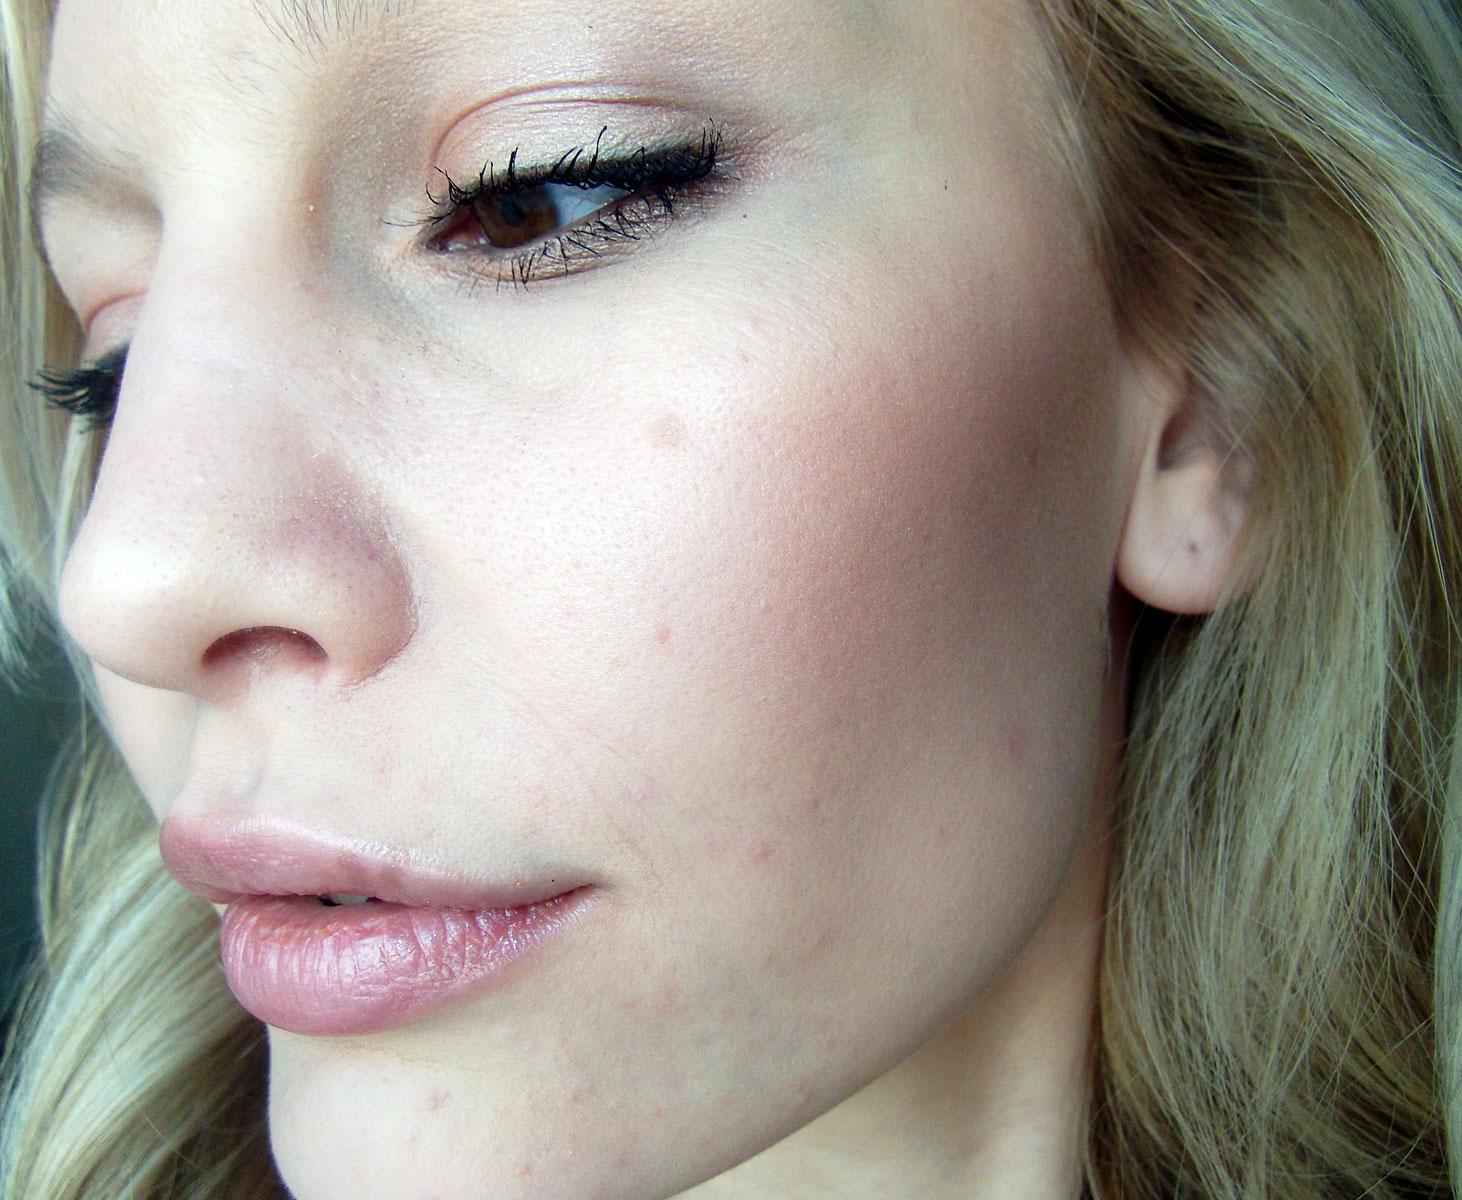 http://2.bp.blogspot.com/_NwQtJRkWjdo/TQ9xoow2f9I/AAAAAAAAGe0/8pekyuVnEmQ/s1600/Kate-Hudson-Makeup.jpg